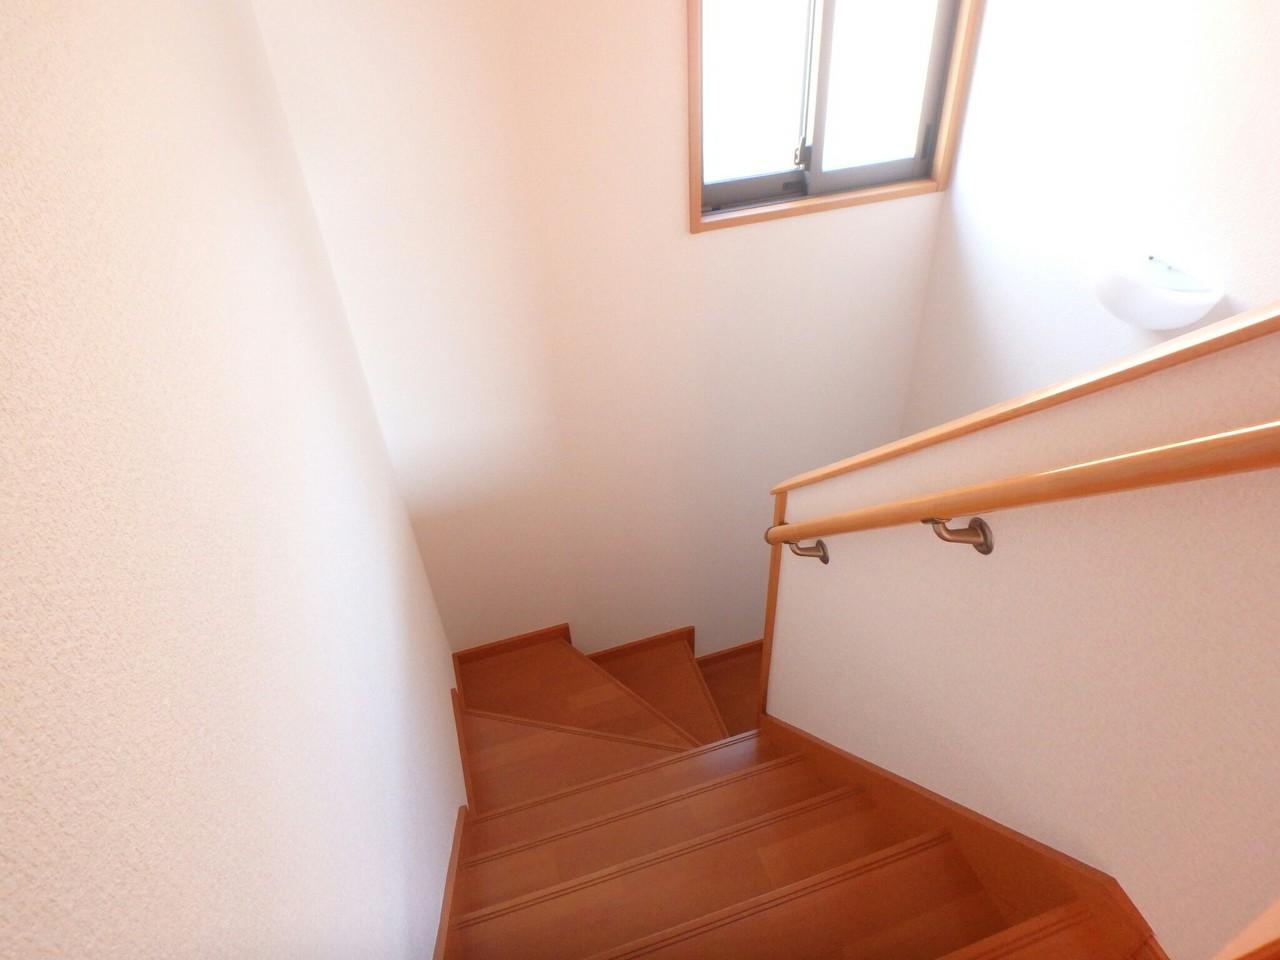 手すり付きの曲がり階段は小さいお子さんも安心ですね。 階段のライト上には小さなガラス棚がついていて小物を置くこともできますよ♪(2018年1月23日撮影)